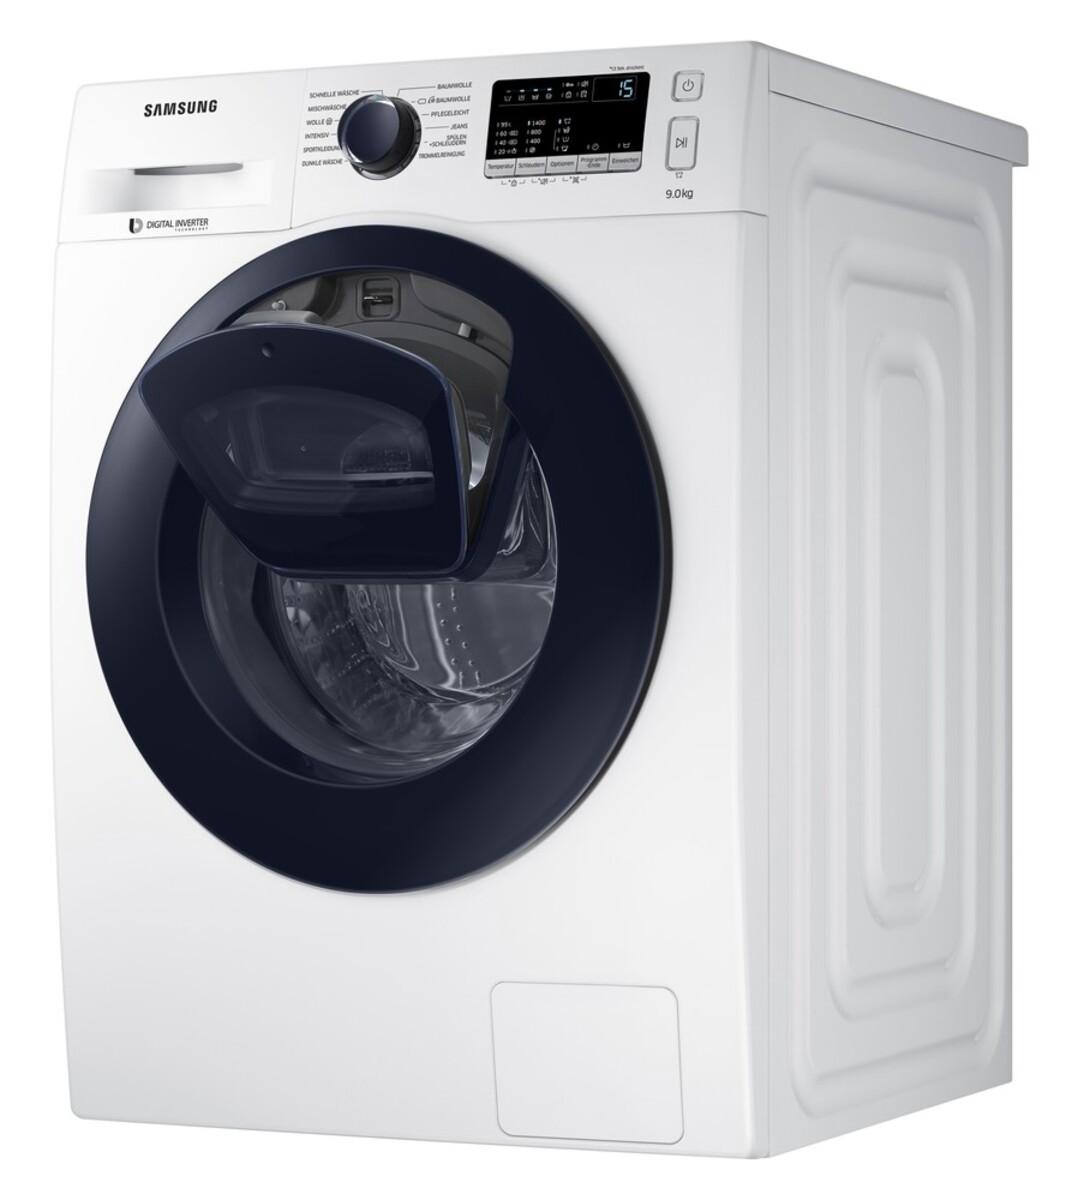 Bild 5 von Samsung WW4500 WW90K44205W/EG AddWash Waschmaschine (Energieeffizienzklasse A+++, 9 kg, 1400 U/min, SmartCheck, ECO Trommelreinigung, Weiß)